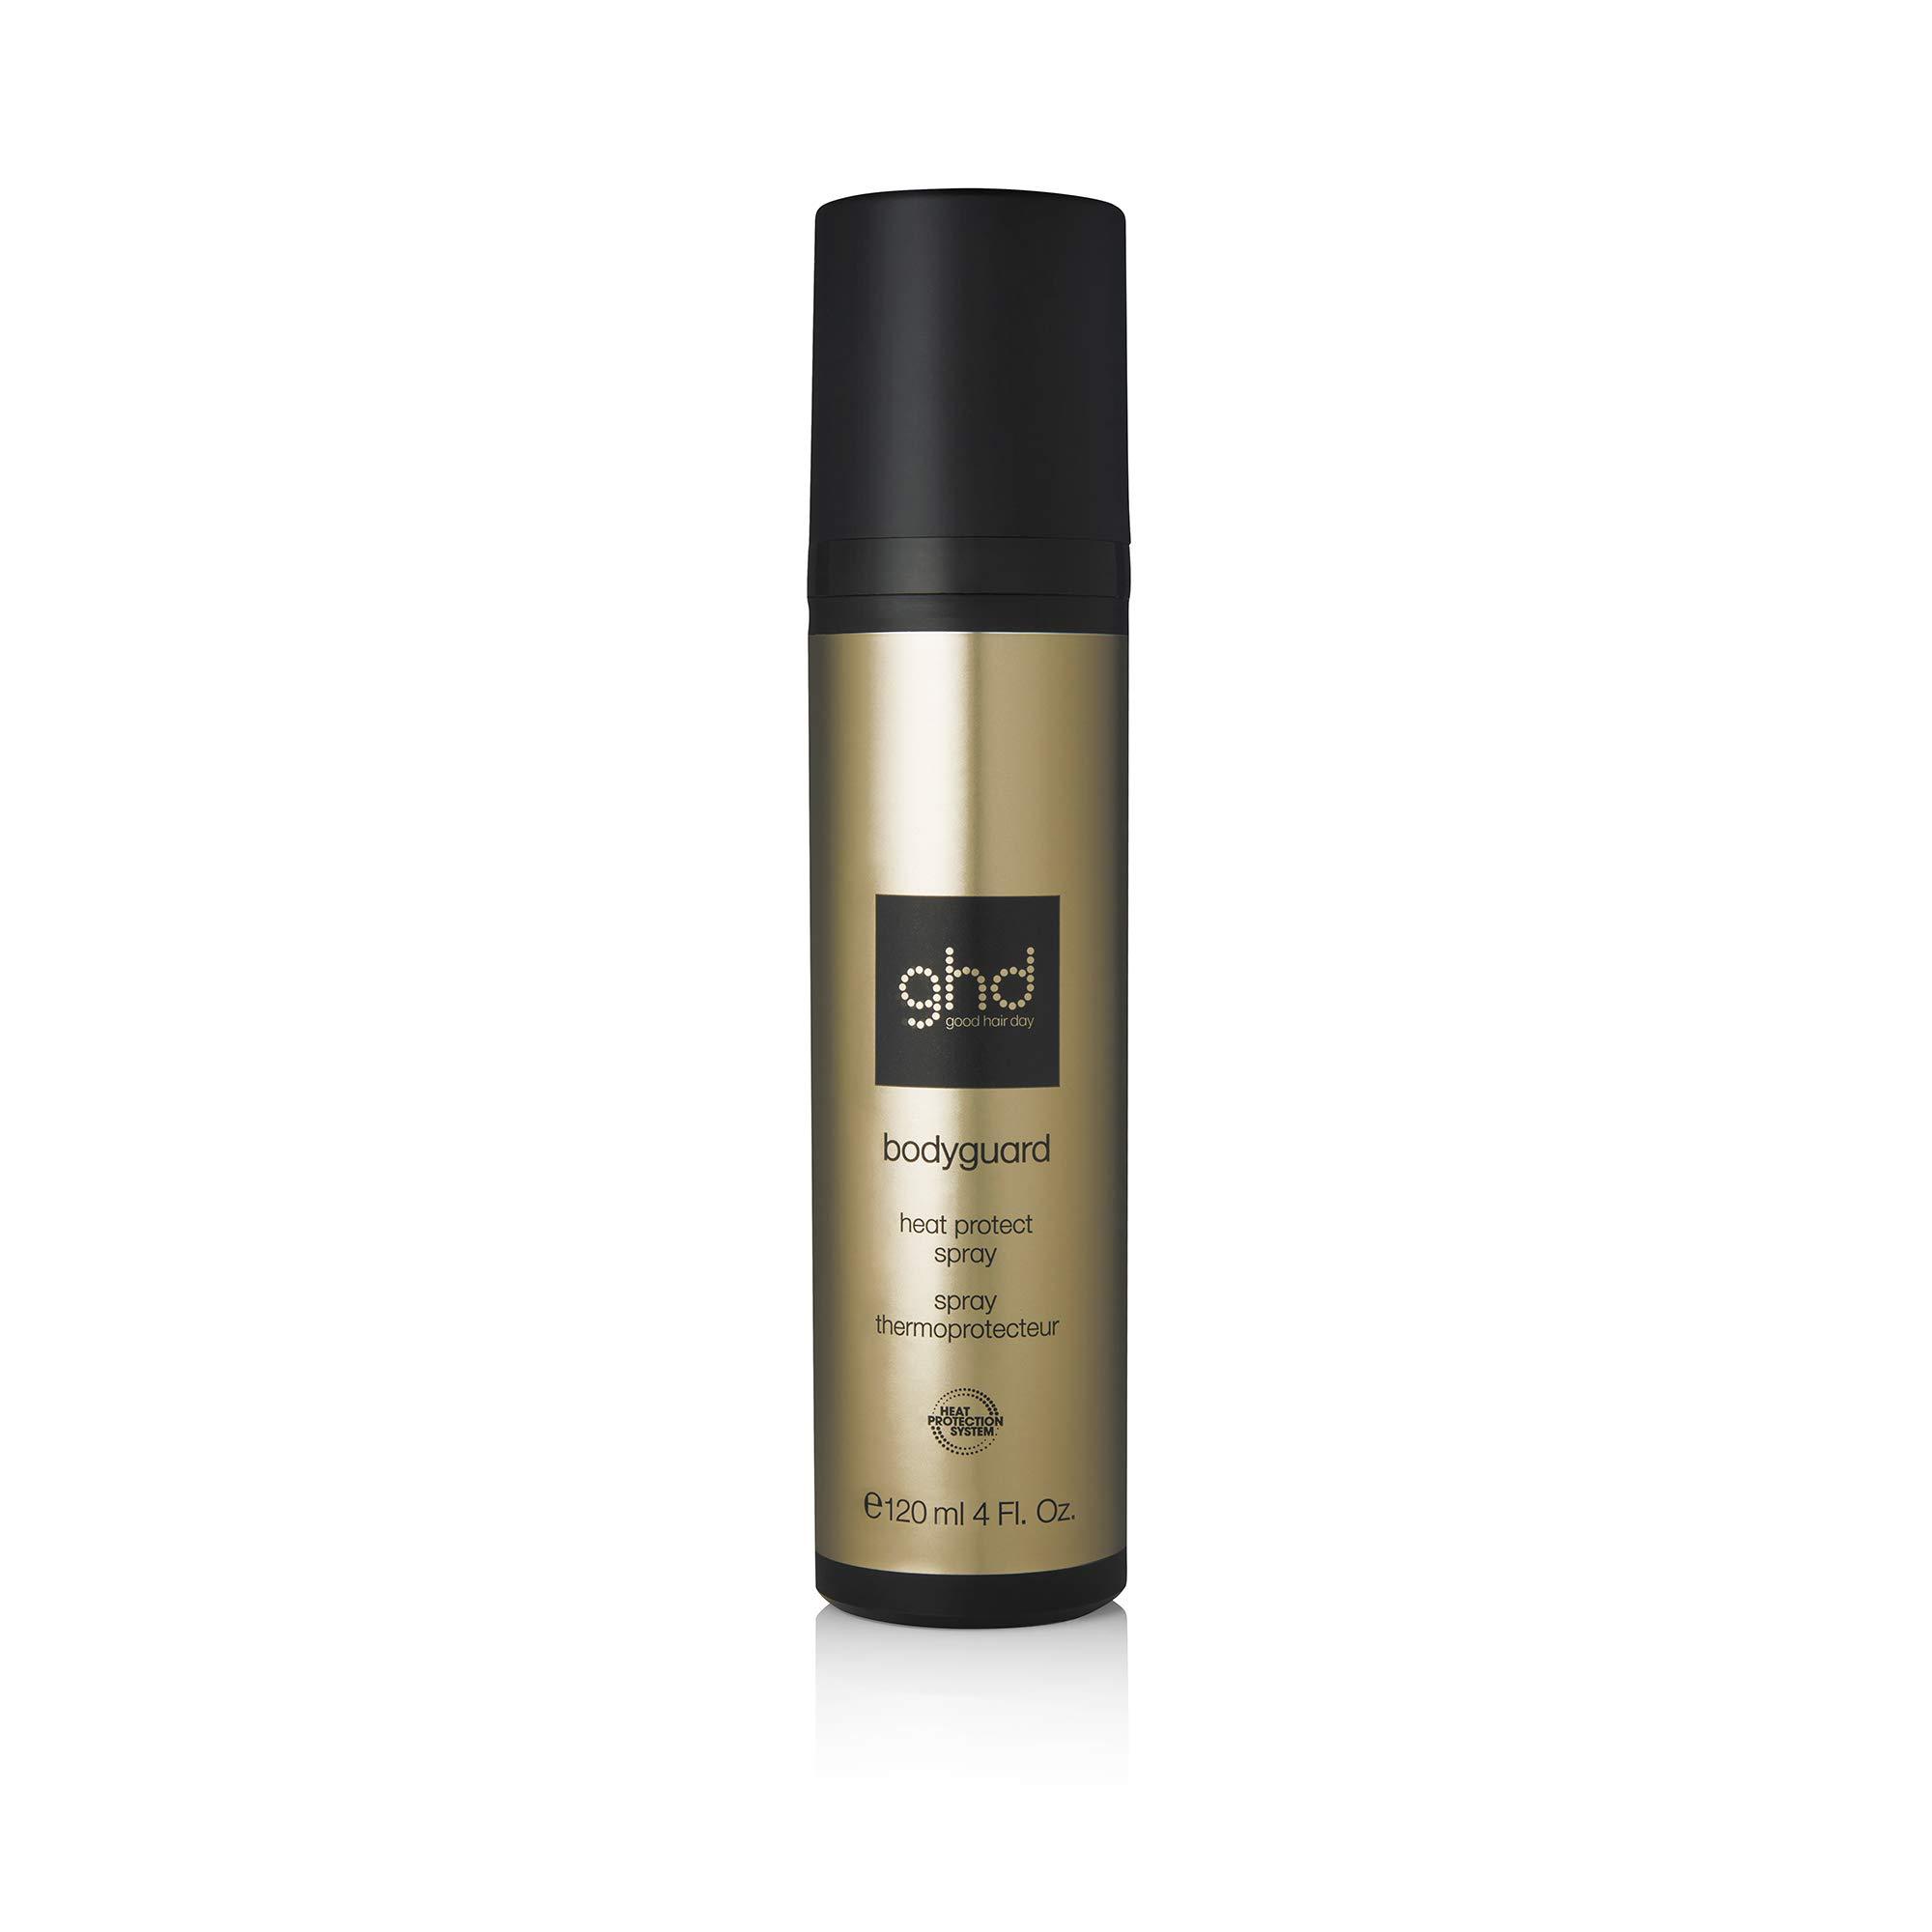 ghd Heat Protect Spray, 4 Fl Oz